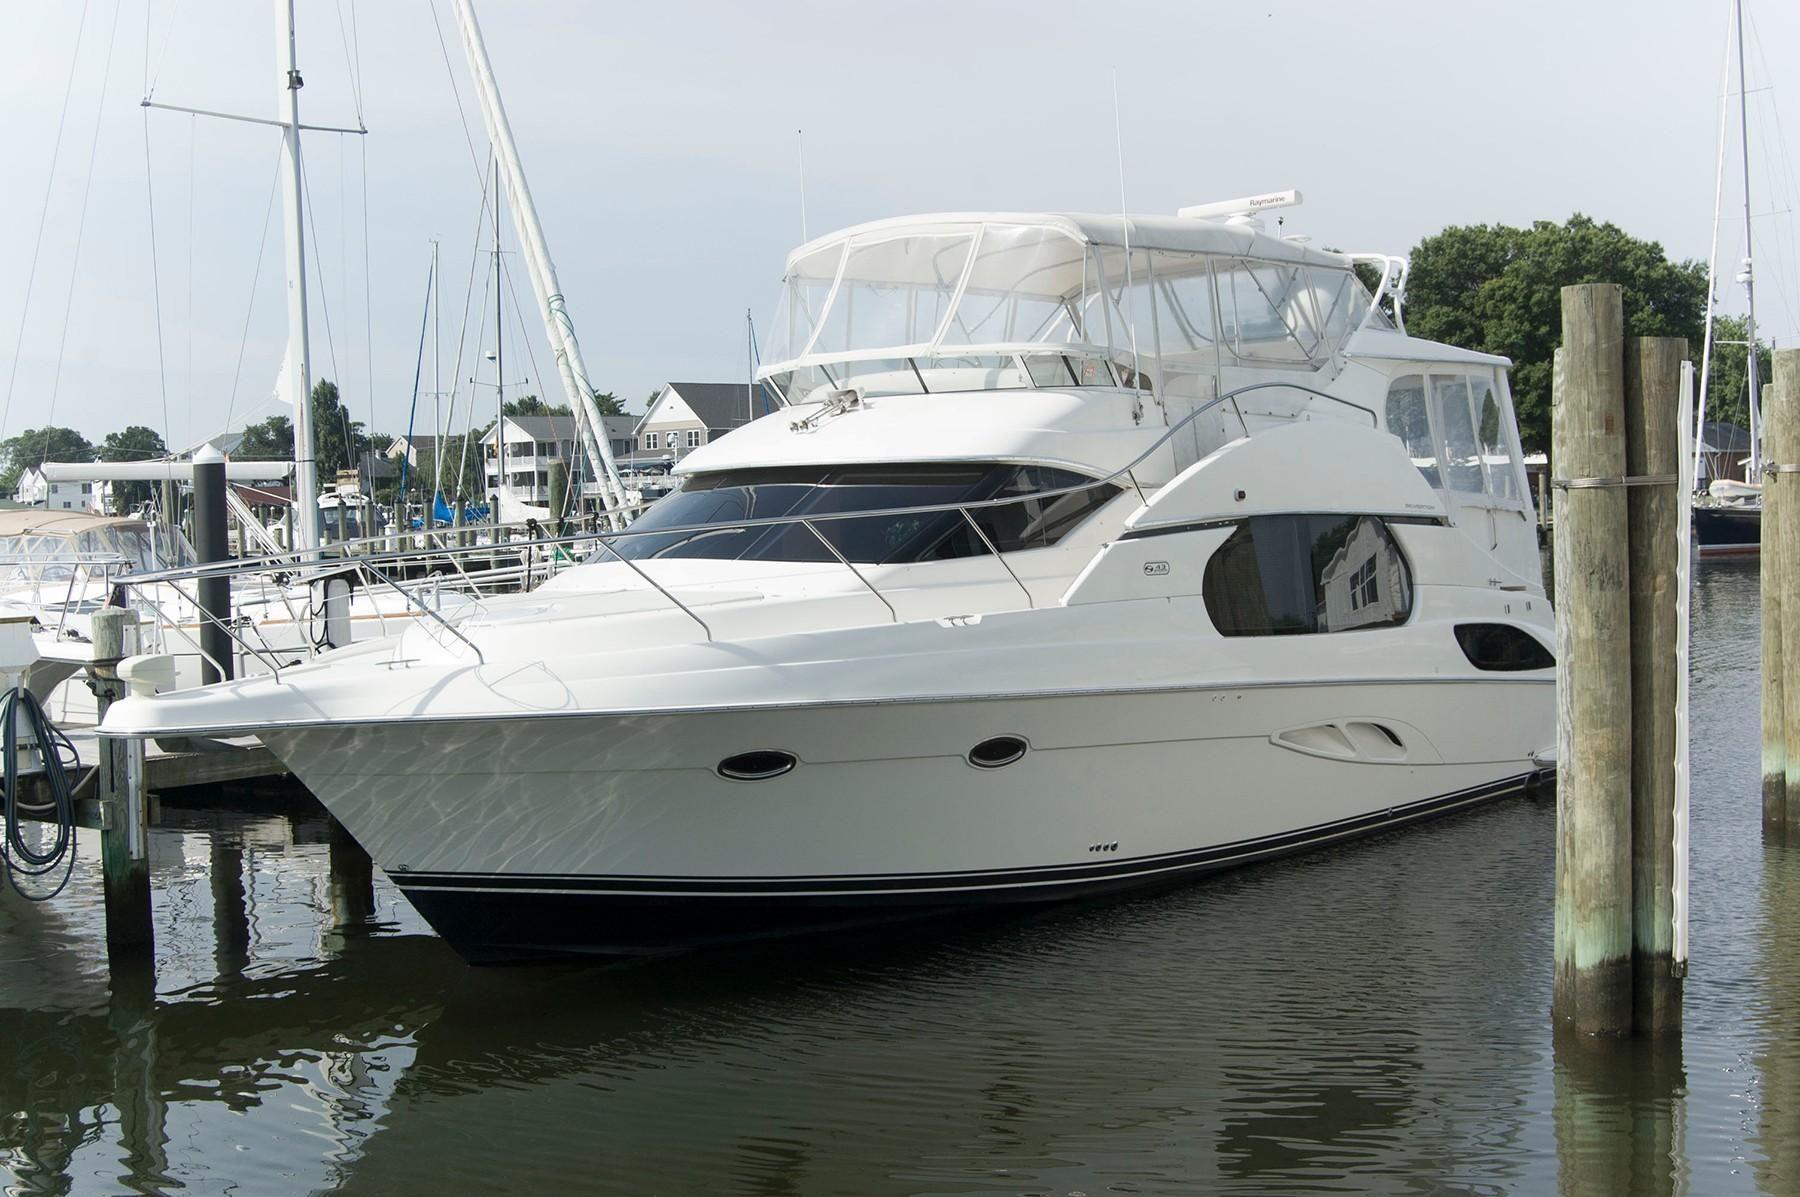 2001 Silverton 43 Motor Yacht Power Boat For Sale Www